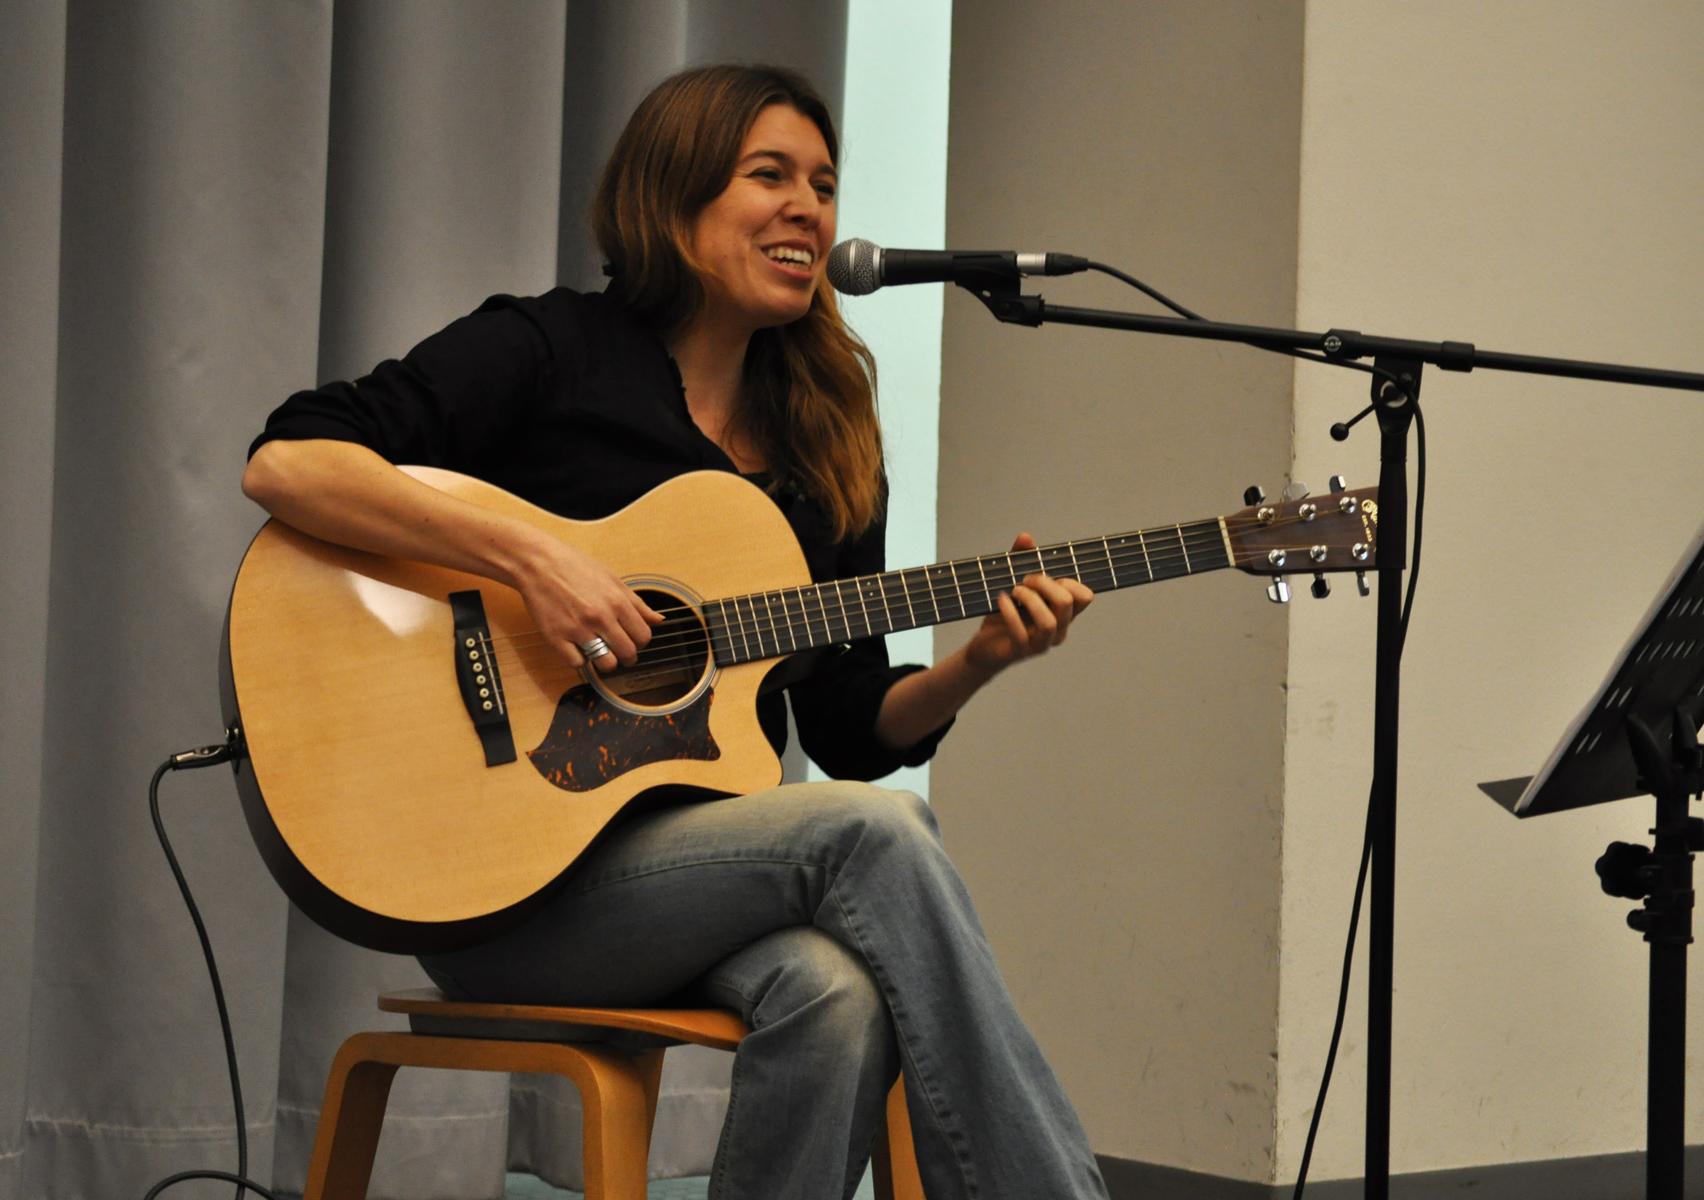 Erica Boschiero, cantautrice e cantastorie veneta, incontra gli studenti del corso di Relazioni internazionali dell'Università di Padova, Teatro Ruzante, 26 ottobre 2015.